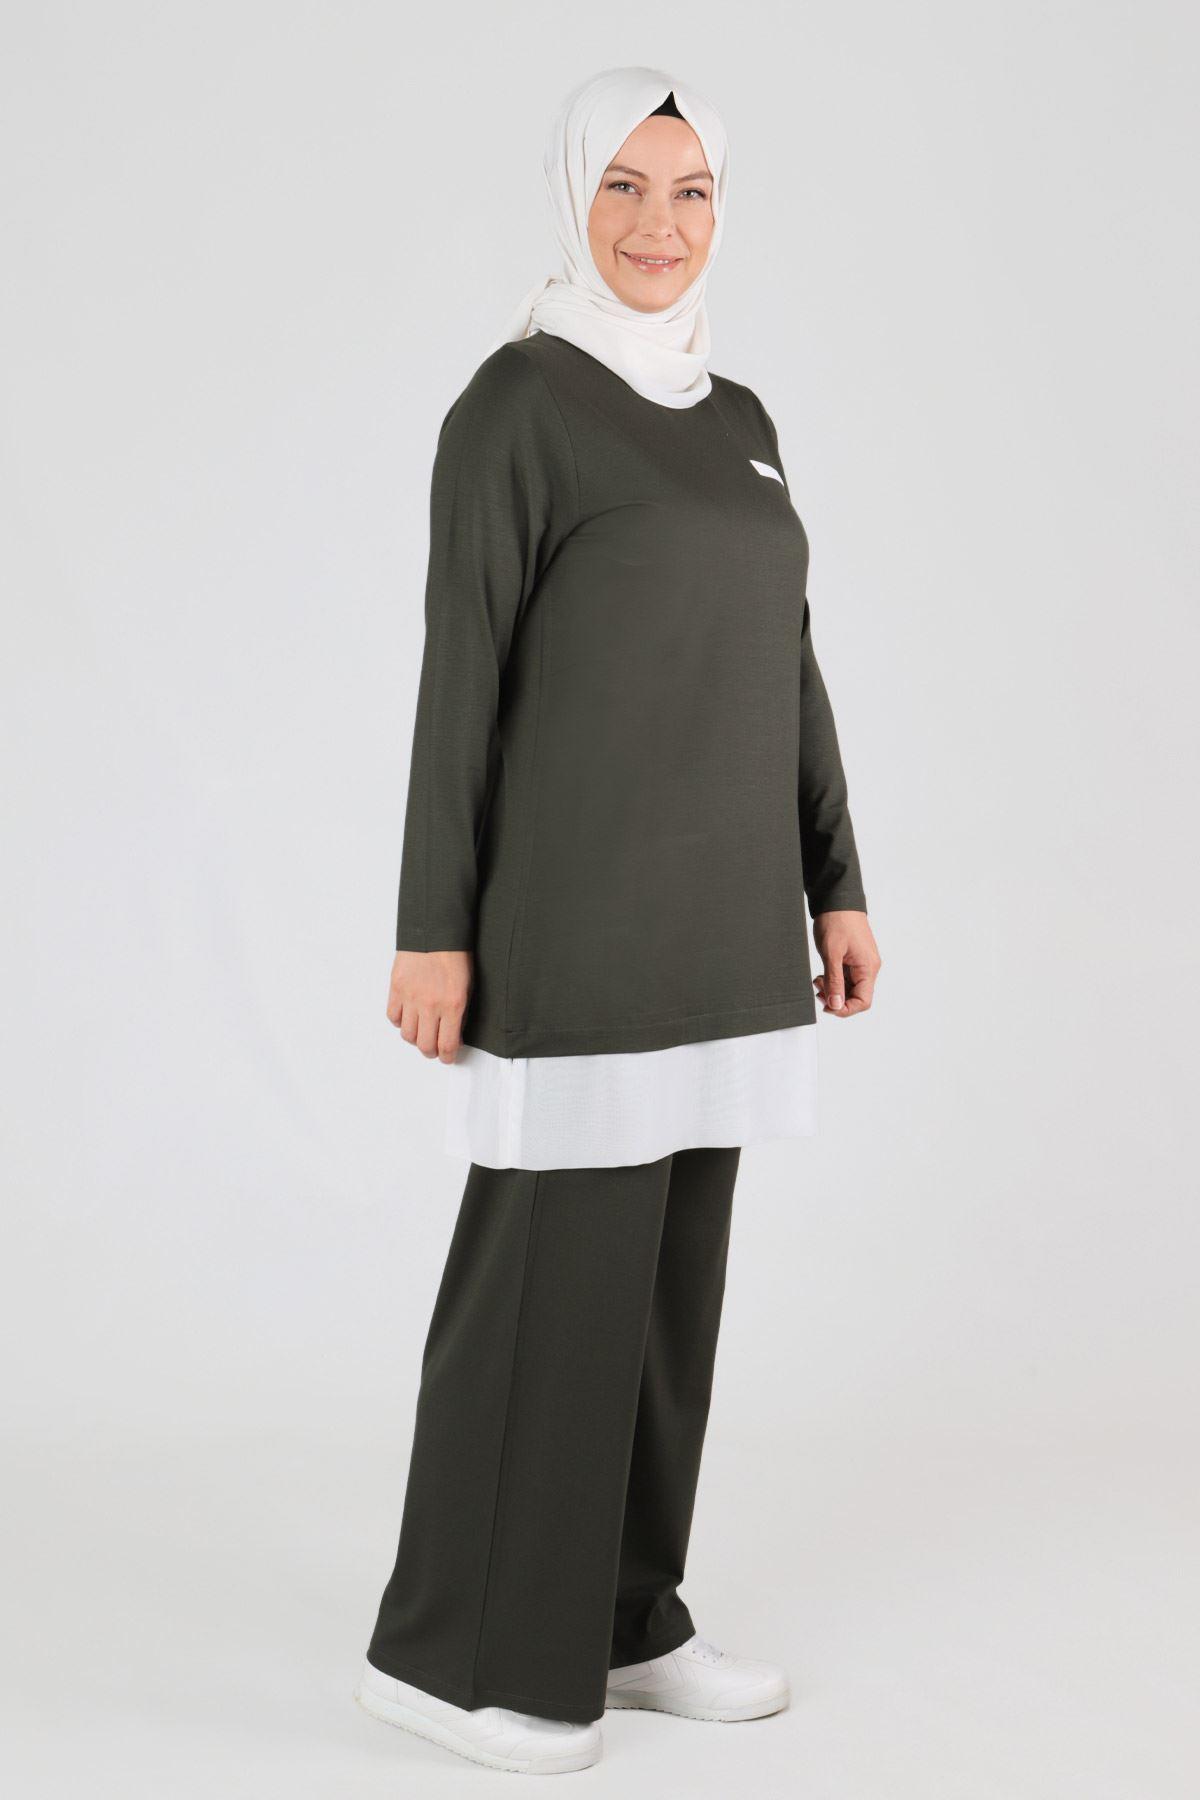 Büyük Beden Tesettür Pantolonlu Takım 35045 Haki